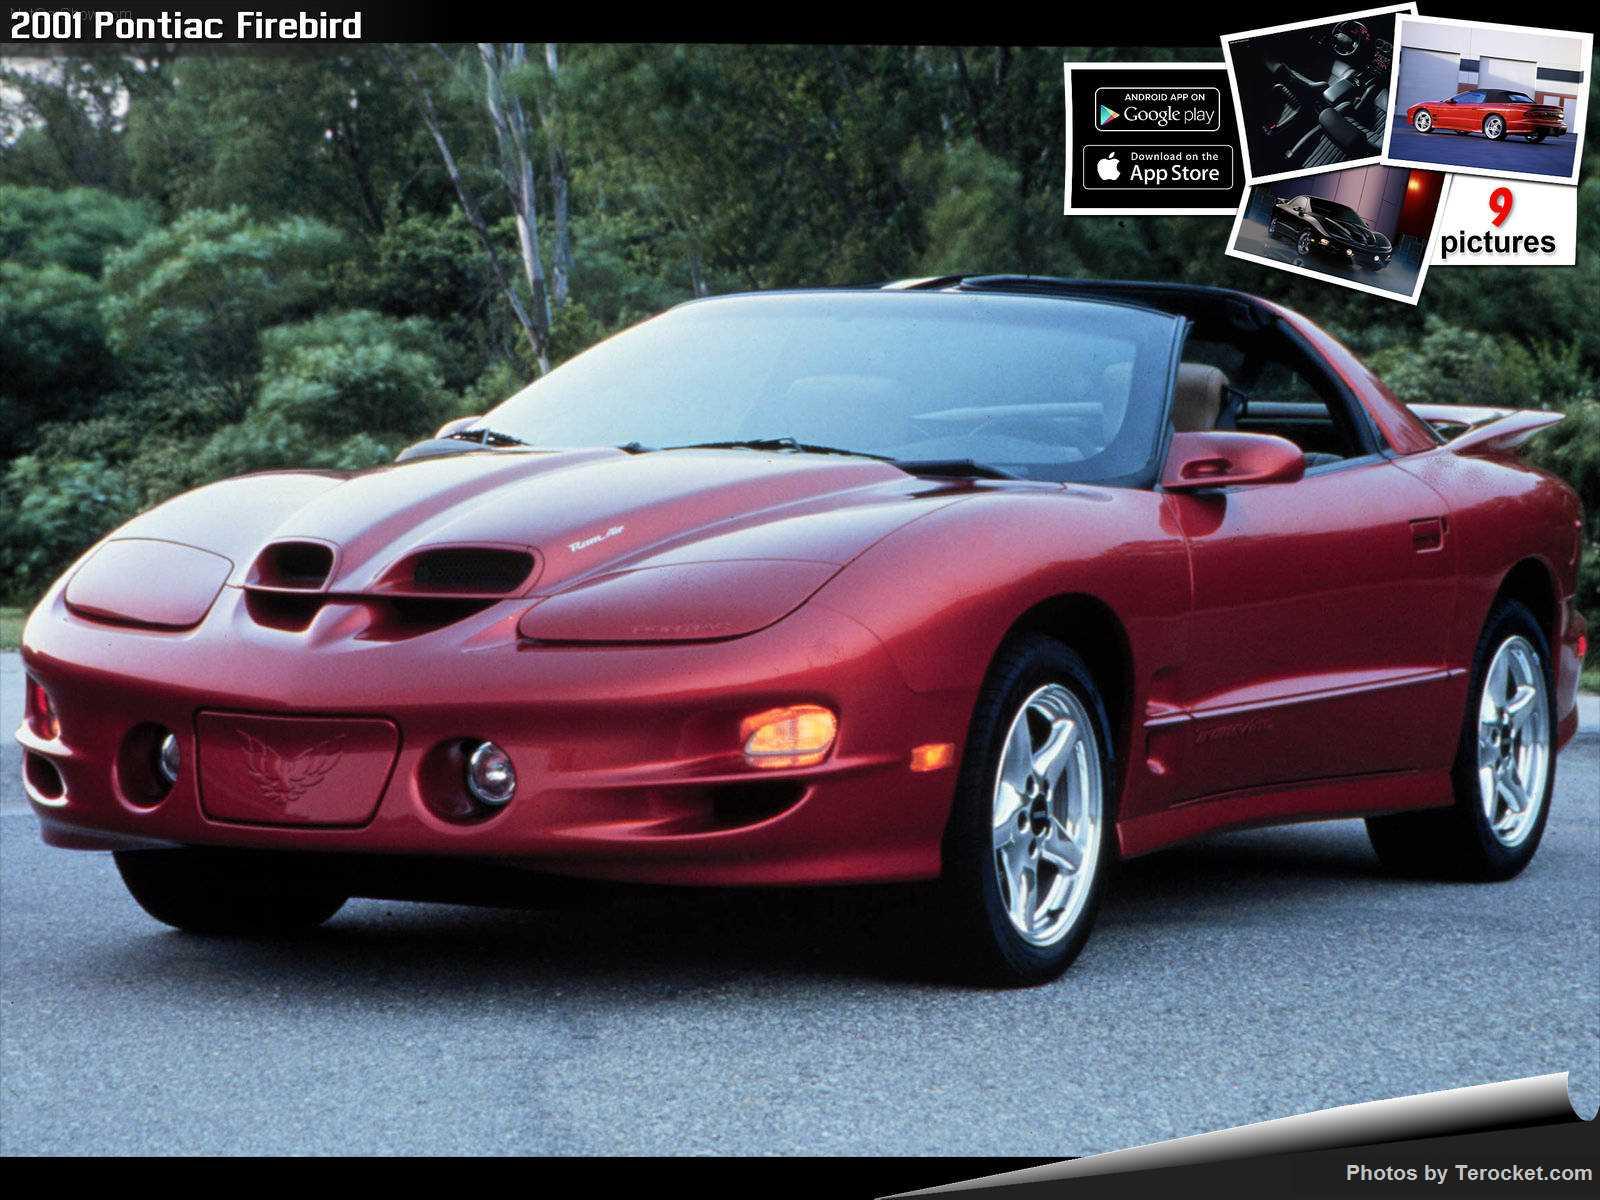 Hình ảnh xe ô tô Pontiac Firebird 2001 & nội ngoại thất